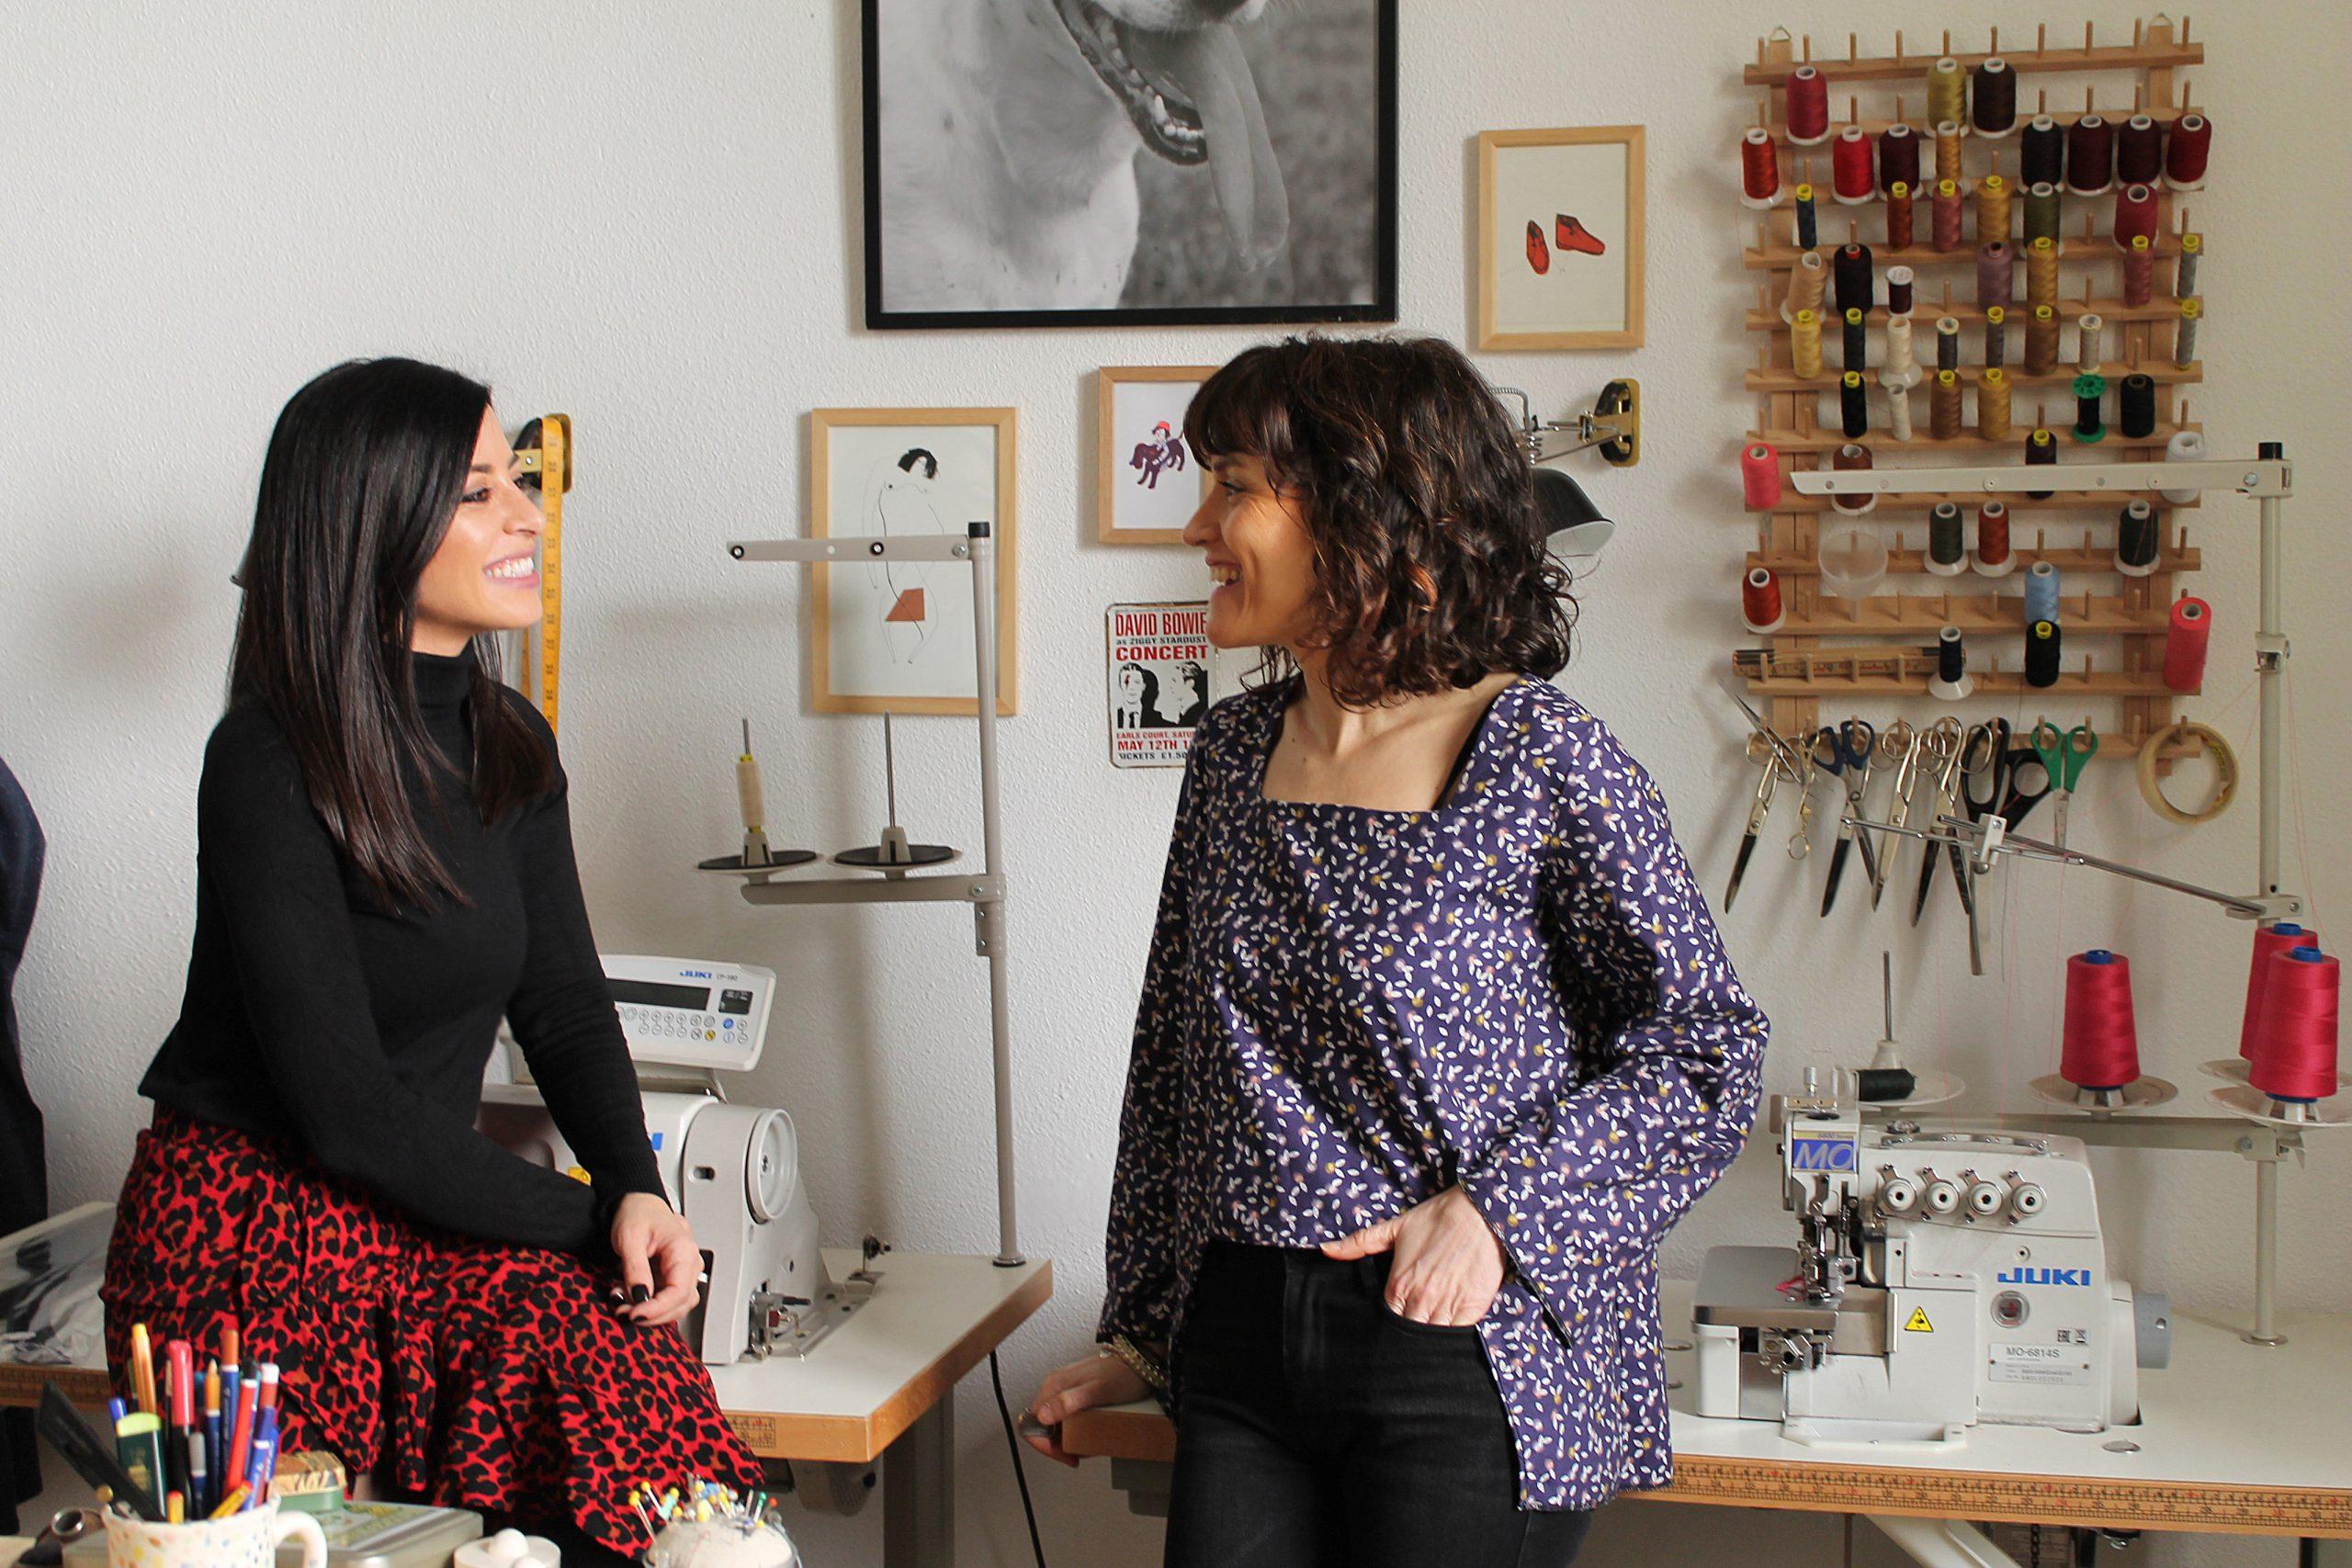 De izq. a dcha. Lorelei Esteban entrevista a la diseñadora Graciela Rodríguez en el taller de Flora Malé.